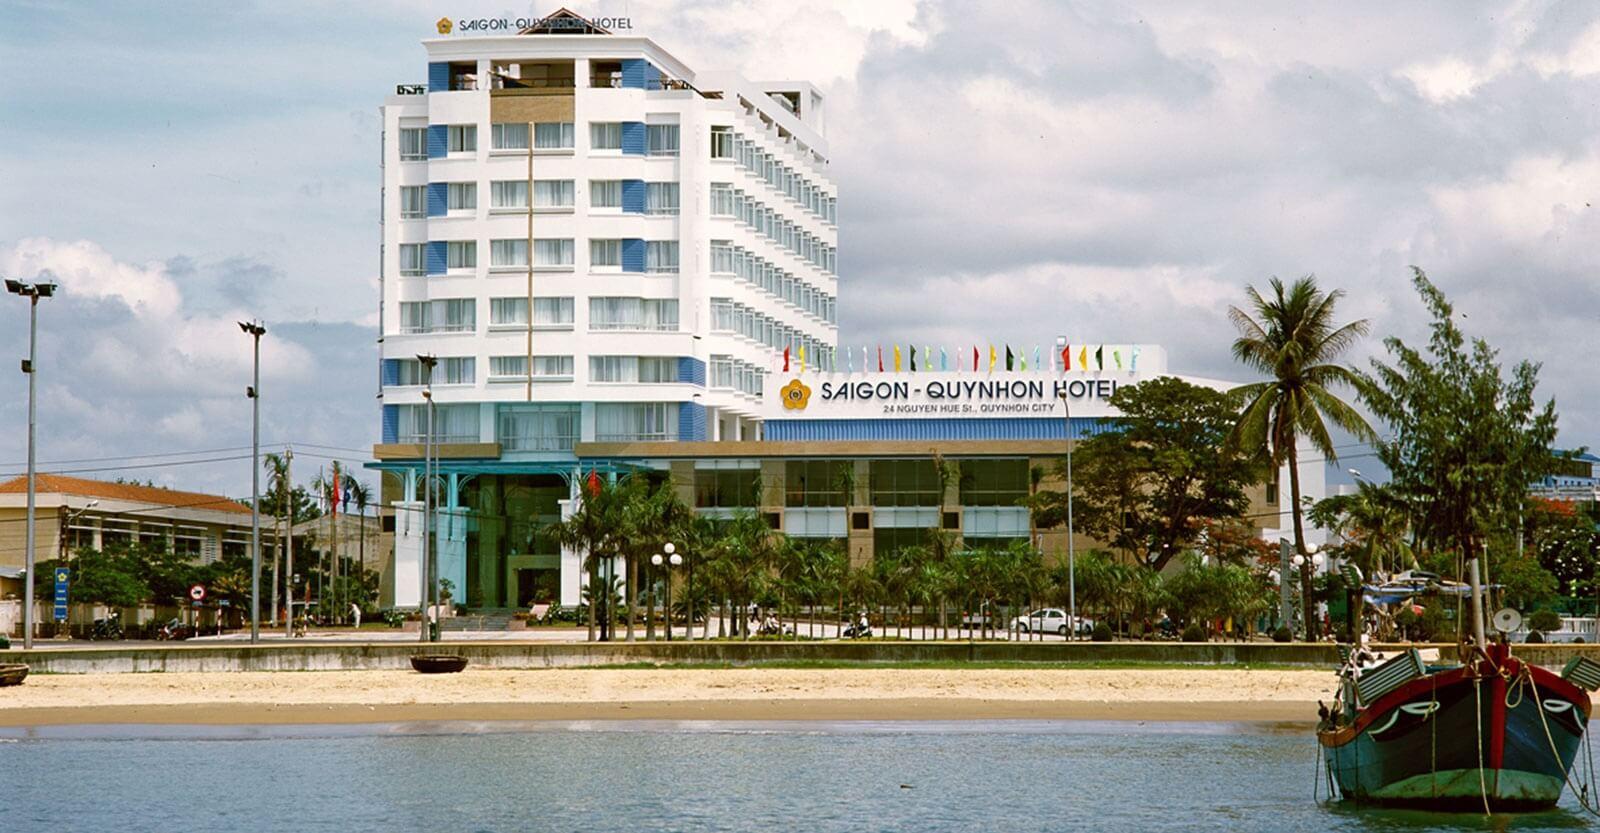 Khách sạn Sài Gòn Quy Nhơn tọa lạc tại vị trí đắc địa trung tâm thành phố Quy Nhơn